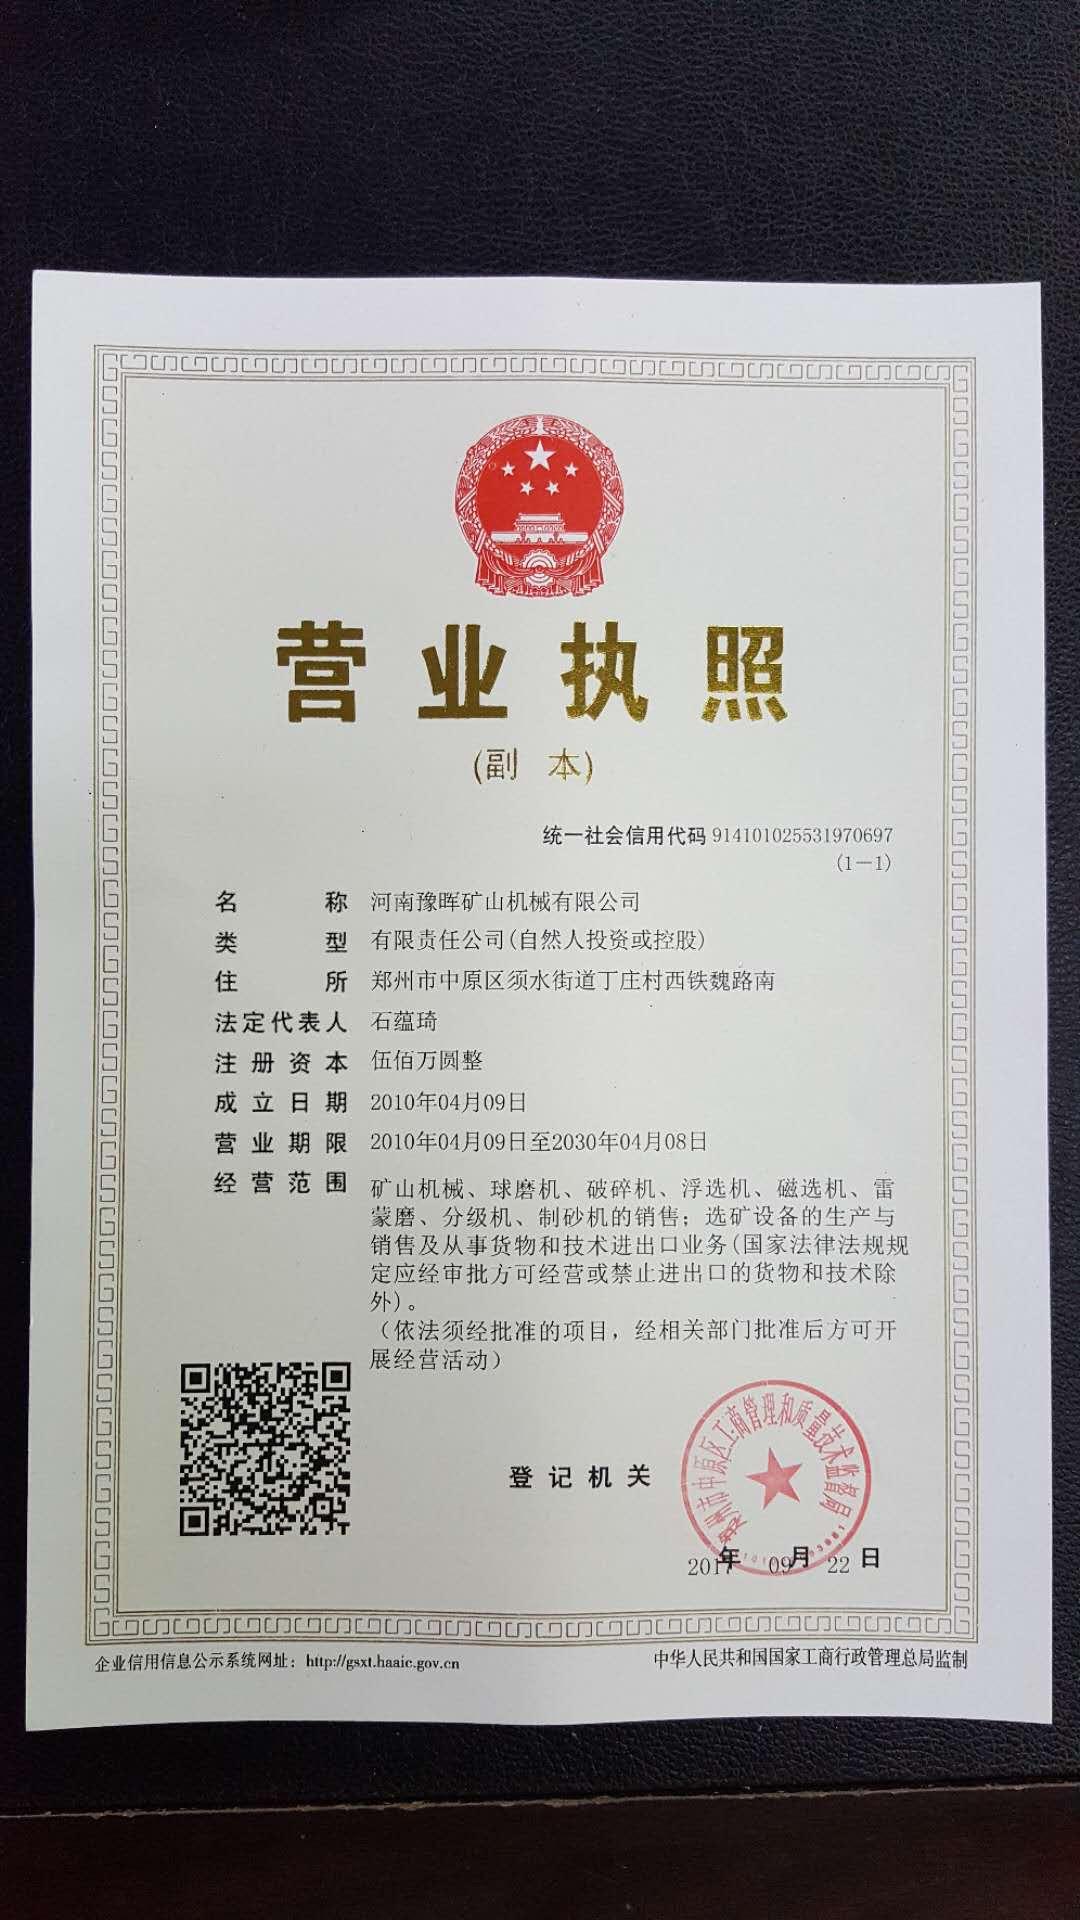 河南豫晖矿山机械有限公司营业执照